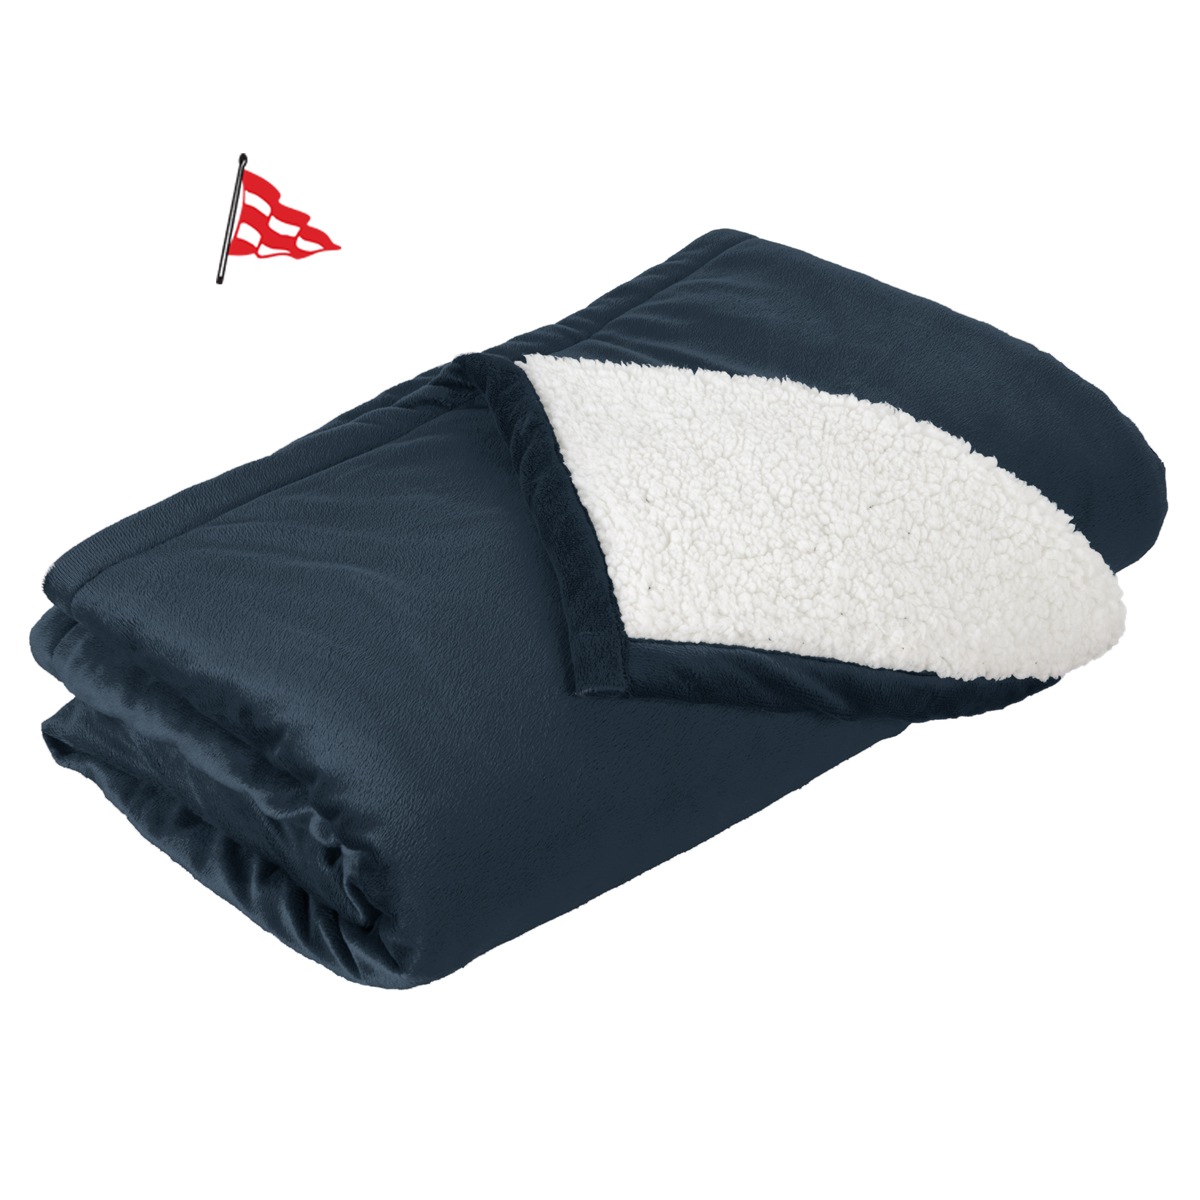 BRYC- Fleece Blanket (BRYC704)